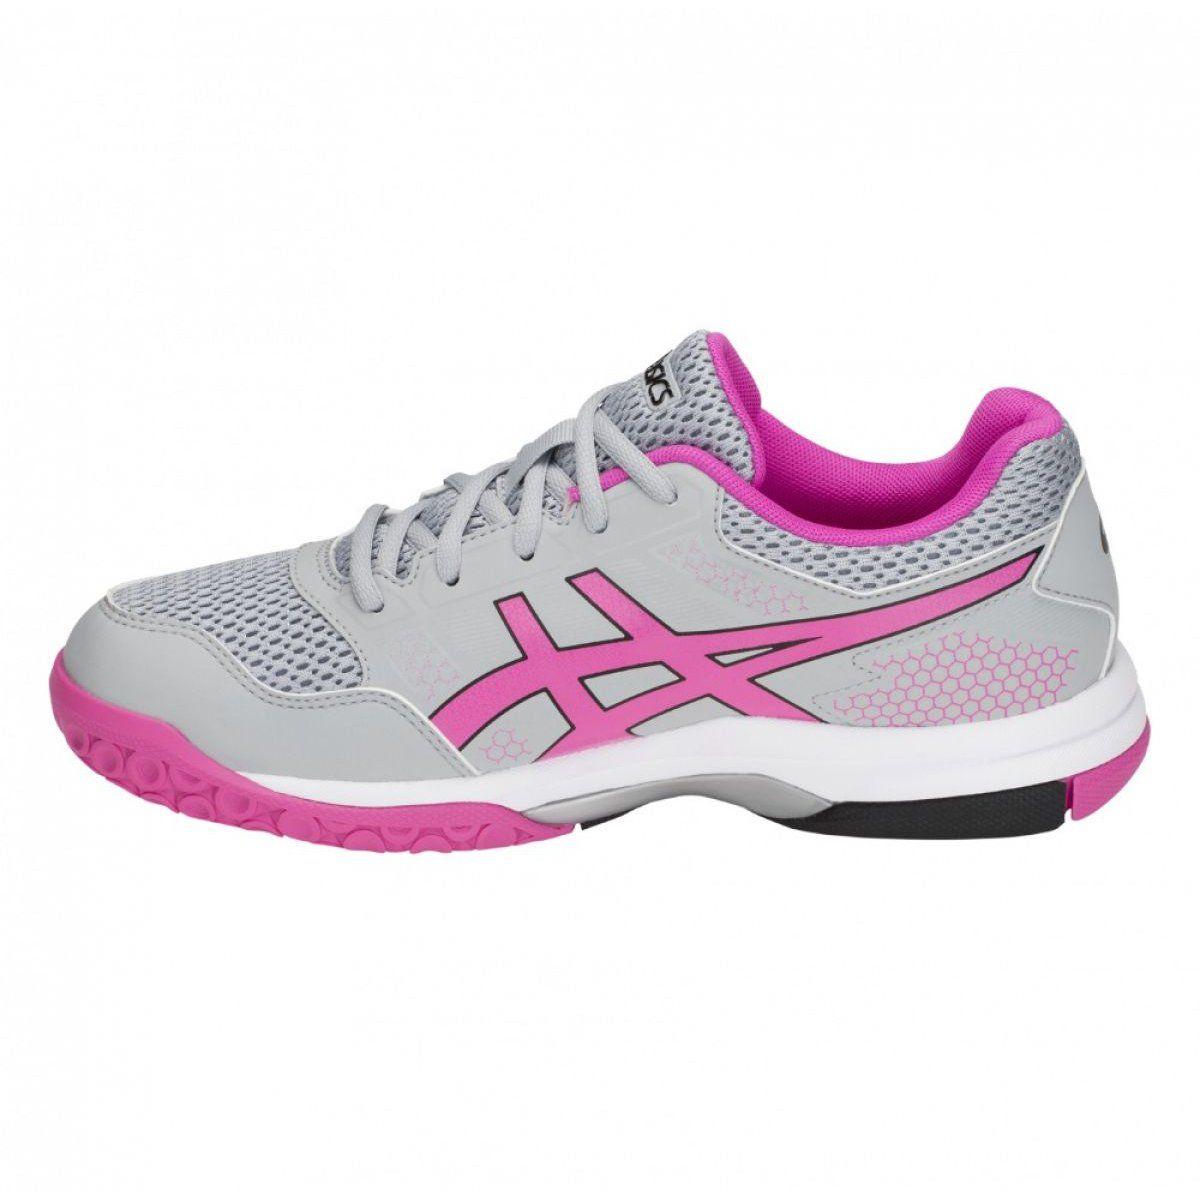 Asics Gel Rocket 8 W Volleyball Shoes B756y 020 Grey Grey Volleyball Shoes Asics Women Asics